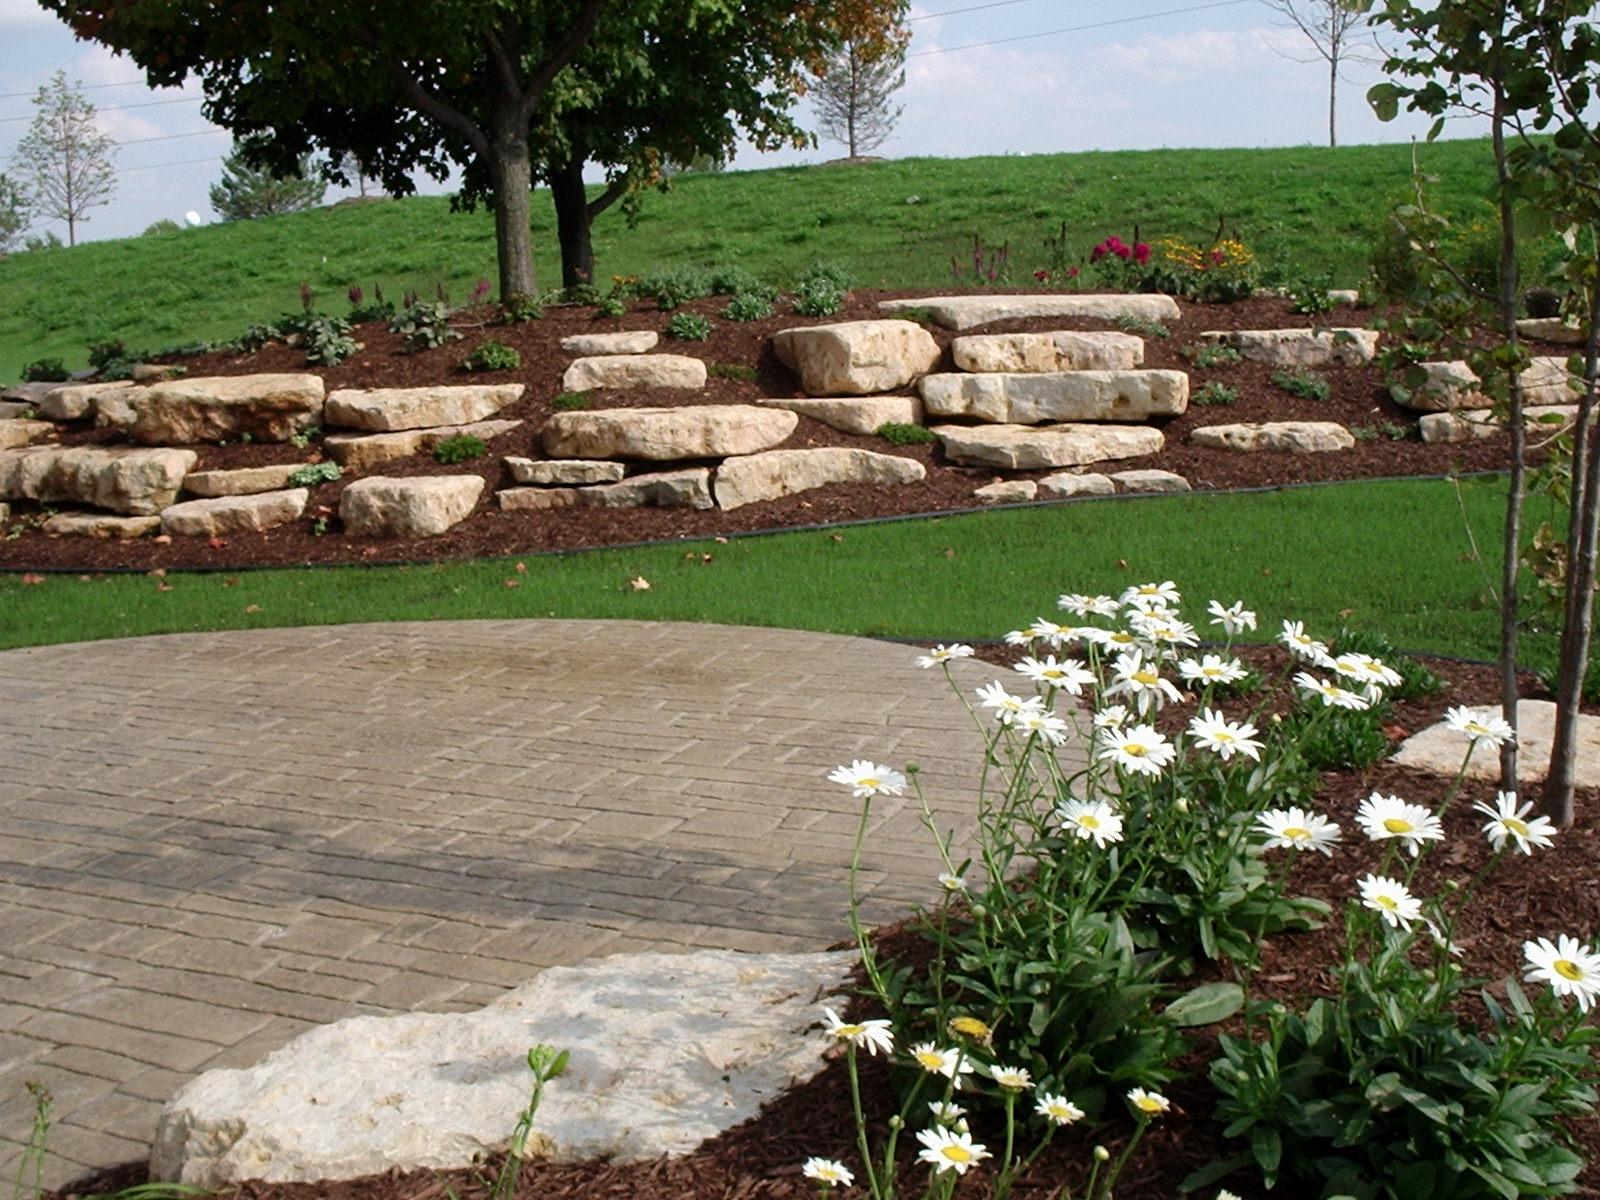 Backyard stone outcropping & garden